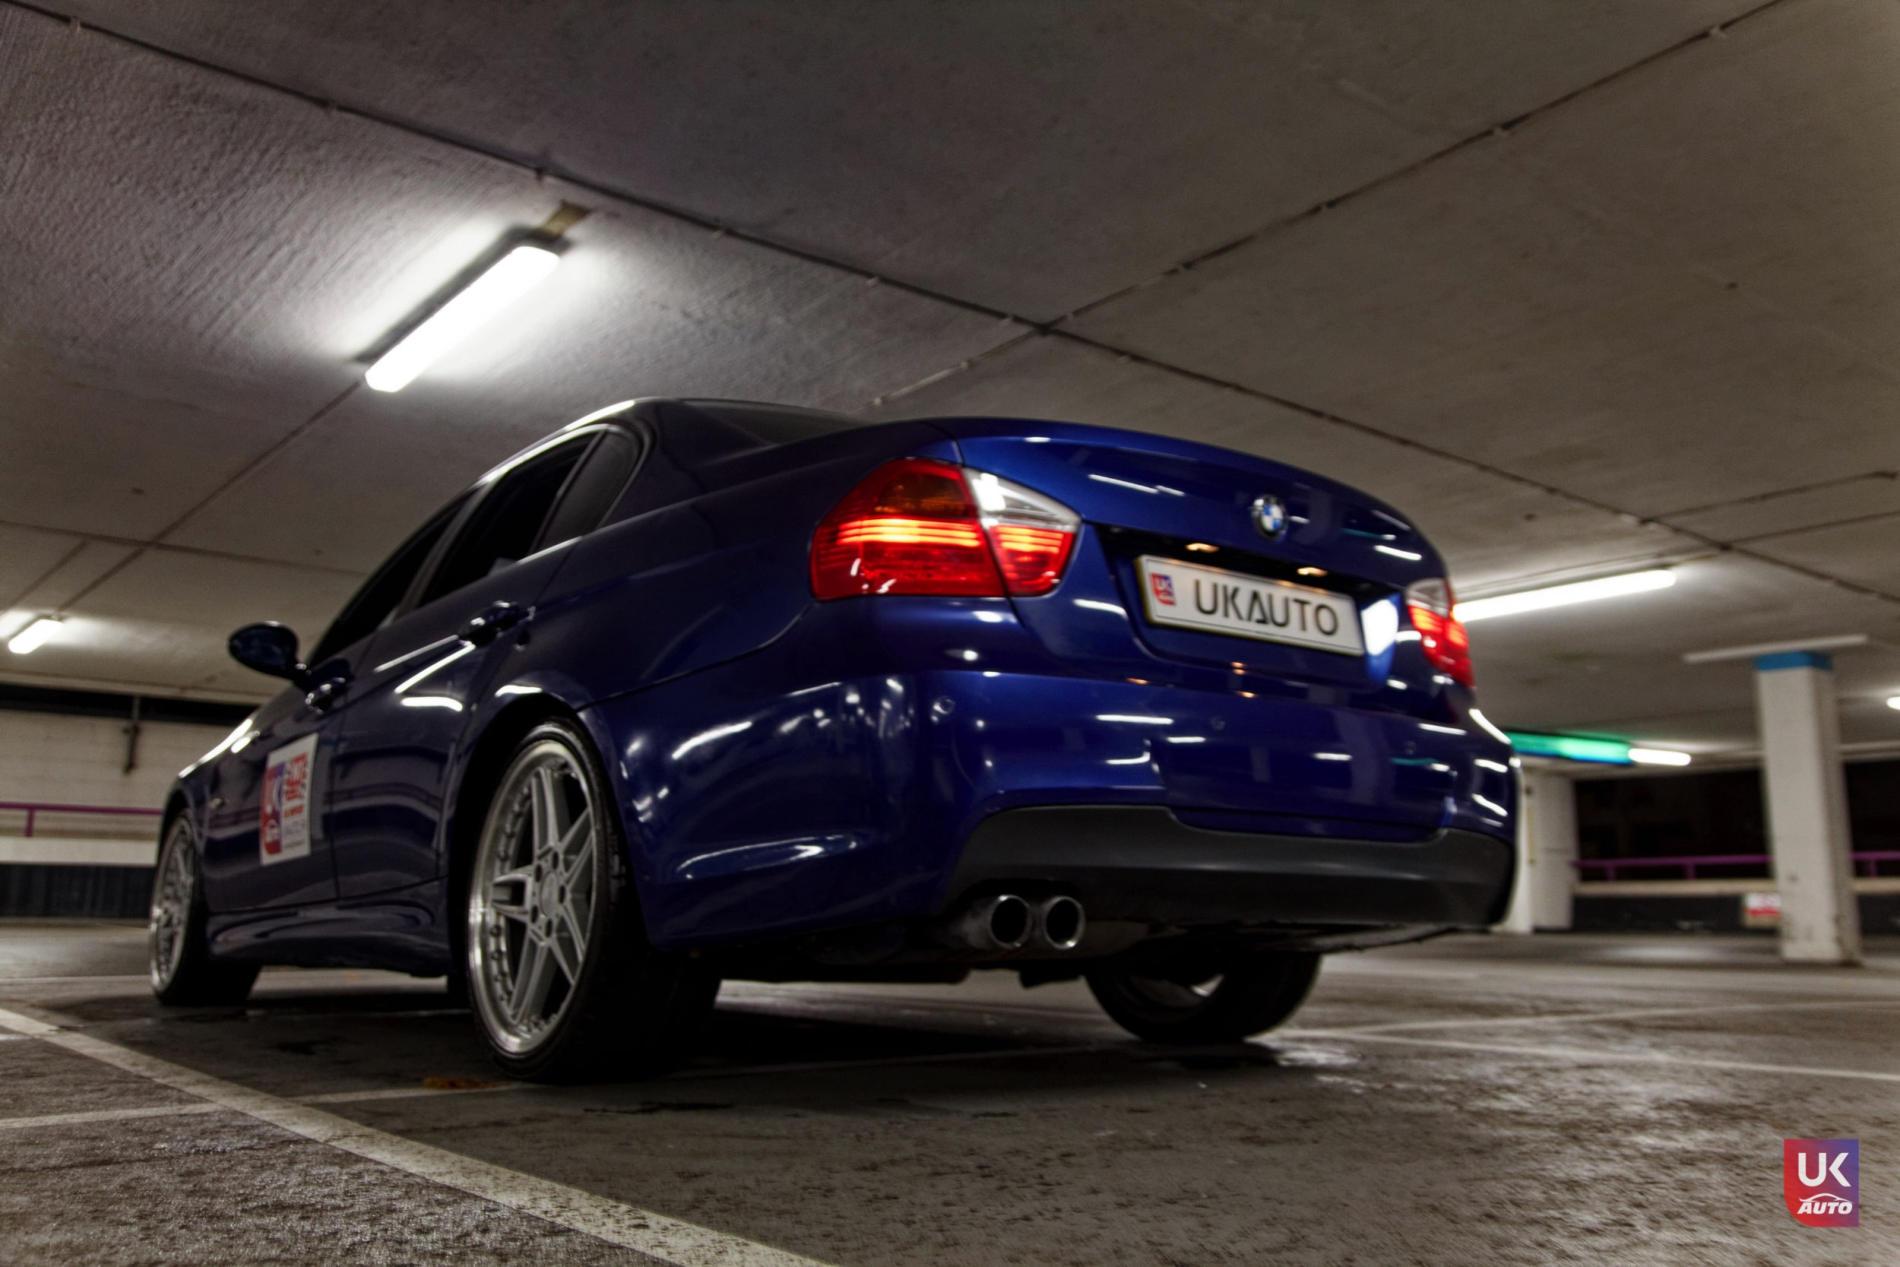 IMPORT BMW 330I LIVRAISON BMW EN FRANCE RHD PAR UKAUTO MANDATAIRE BMW AUTO PAS CHER PAR UKAUTO11 - IMPORT BMW 330I LIVRAISON BMW EN FRANCE RHD PAR UKAUTO MANDATAIRE BMW AUTO PAS CHER PAR UKAUTO